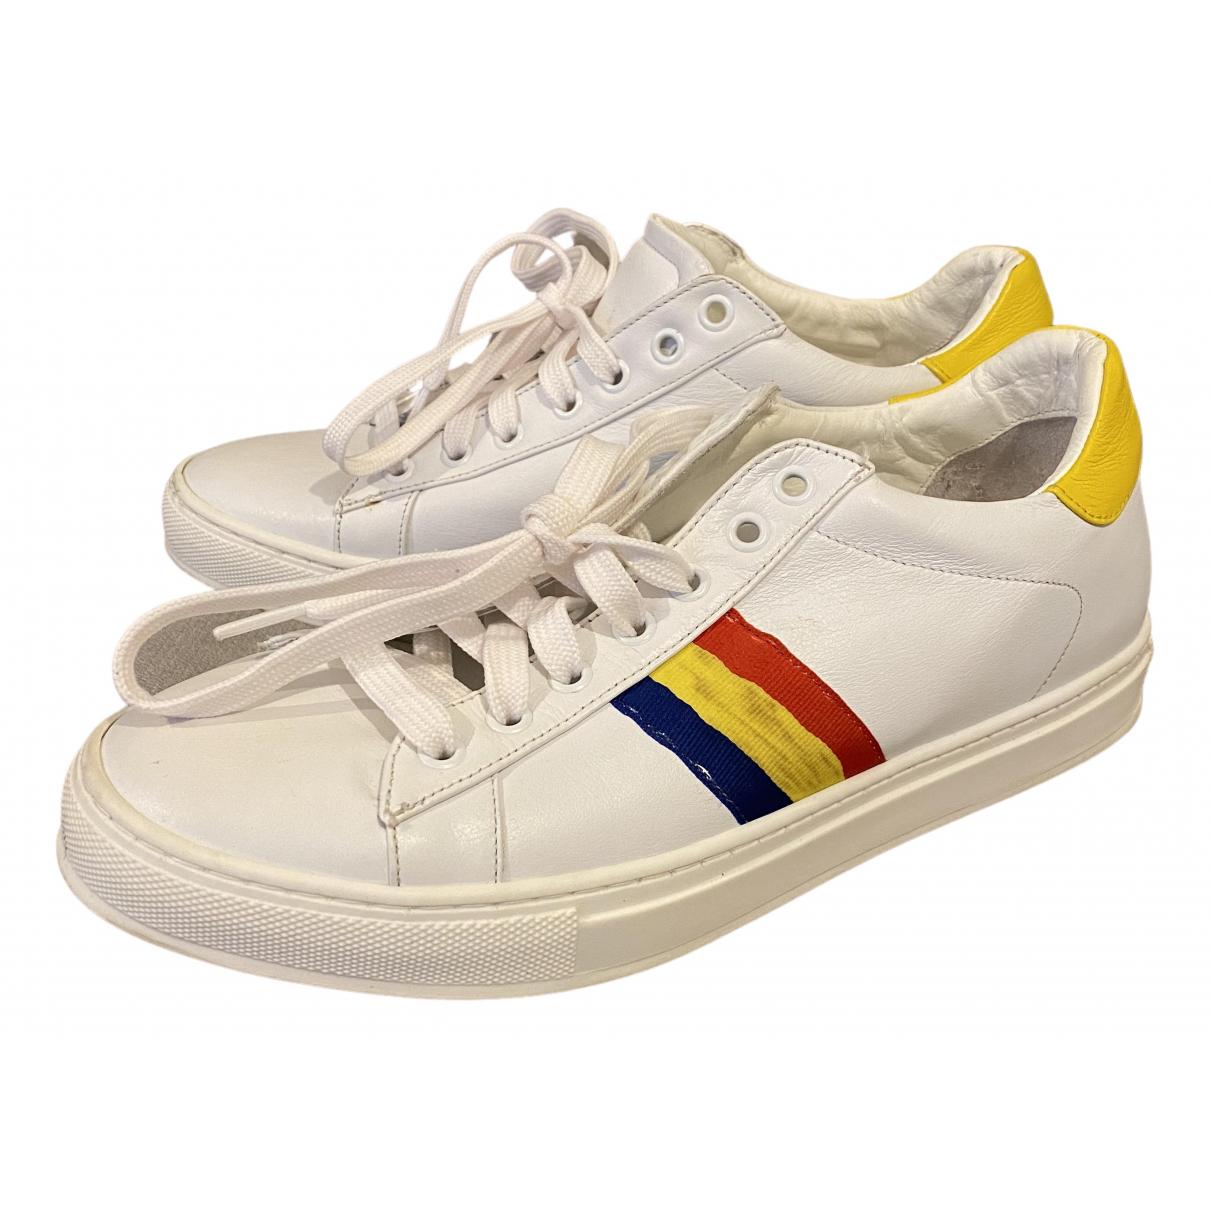 Jc De Castelbajac \N Sneakers in  Weiss Leder